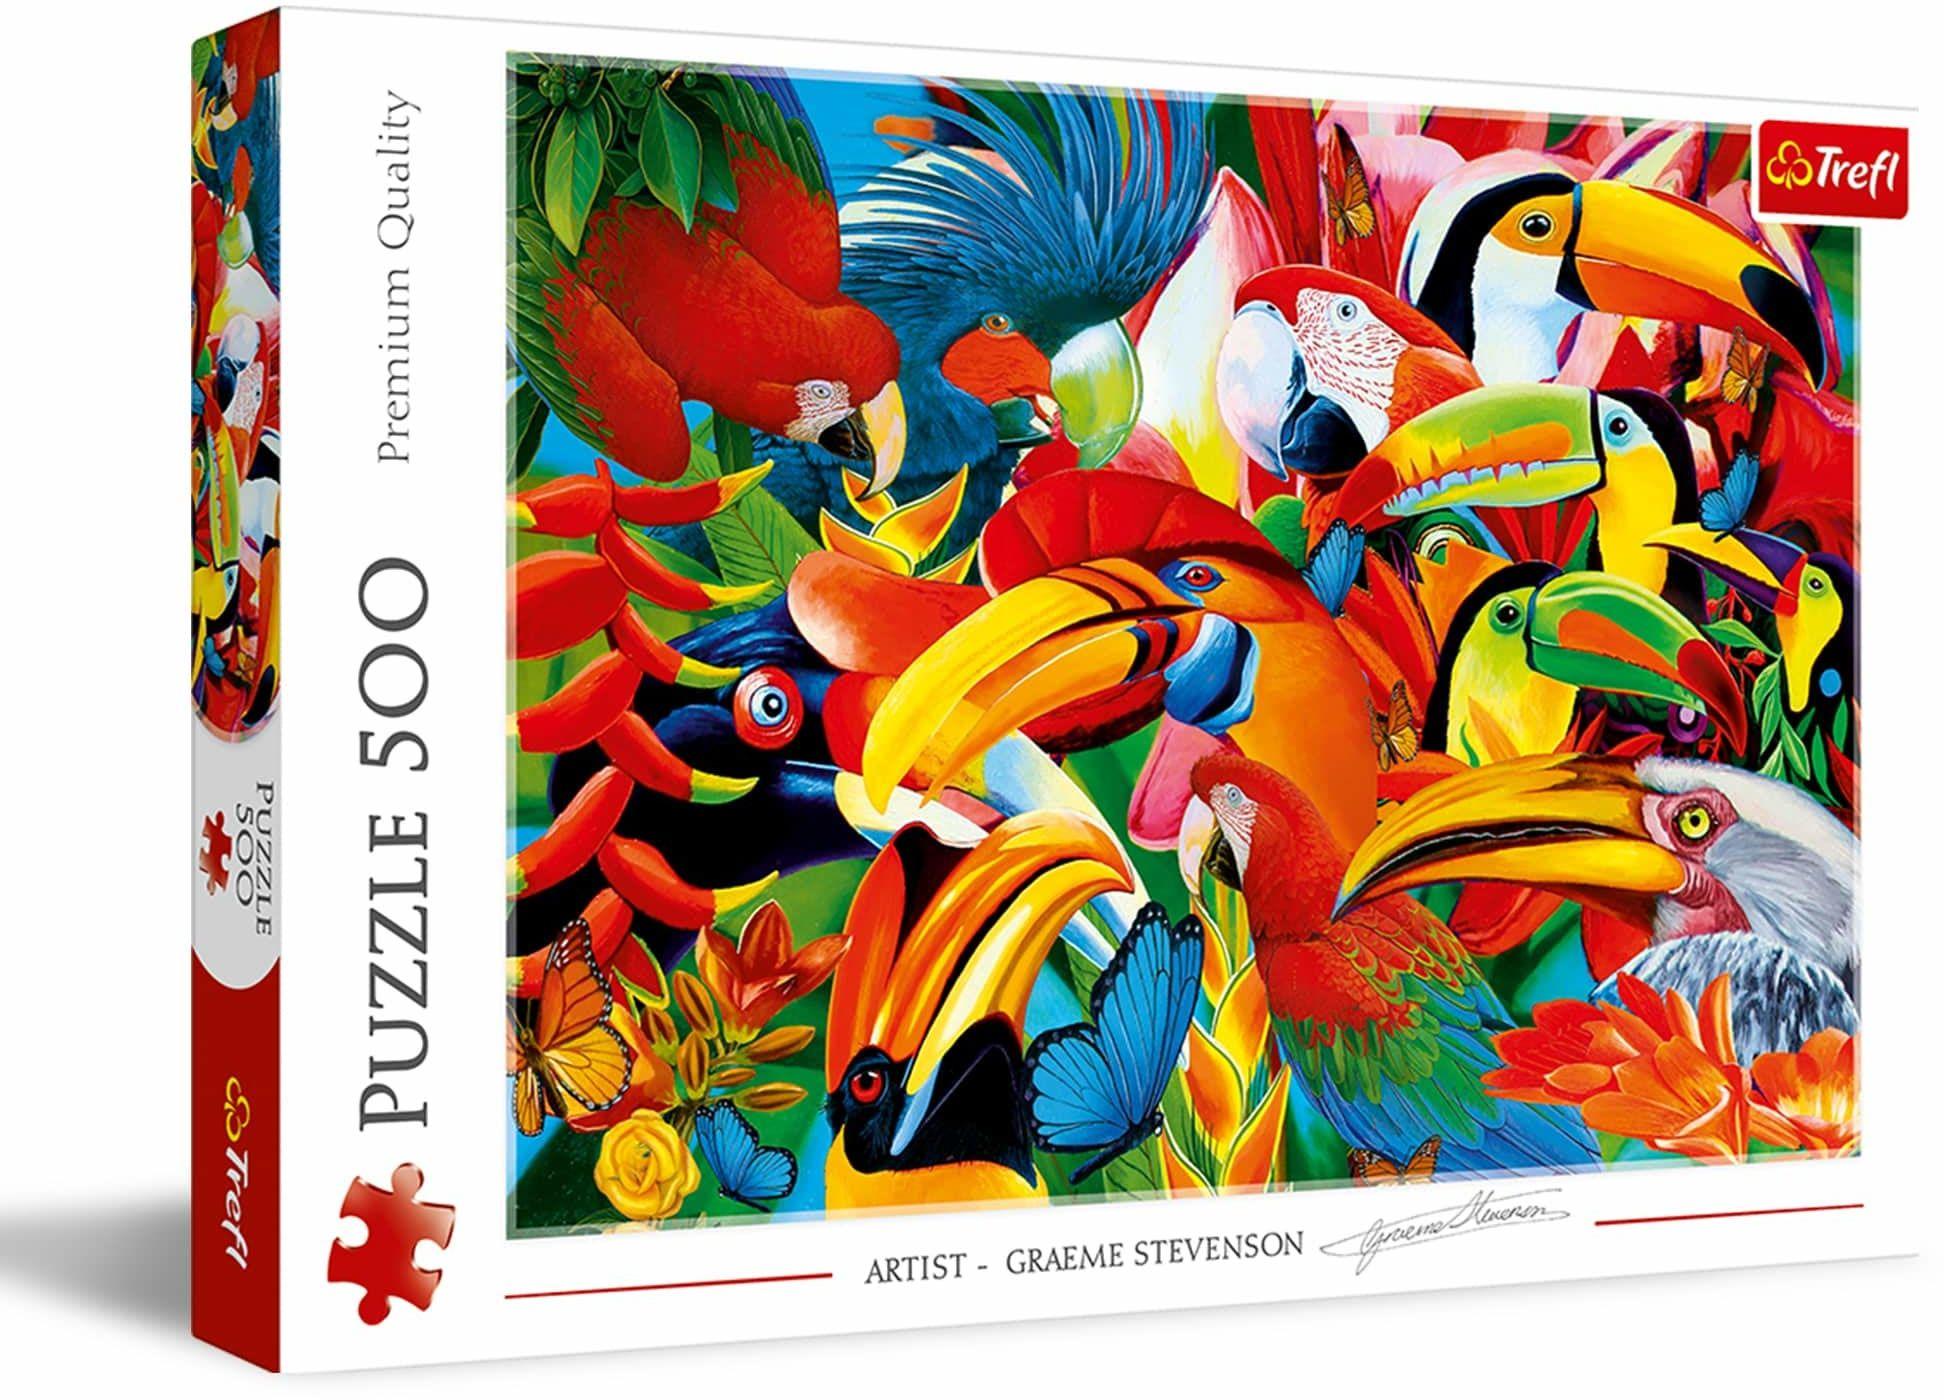 Trefl Kolorowe Ptaki Puzzle 500 Elementów o Wysokiej Jakości Nadruku dla Dorosłych i Dzieci od 10 lat